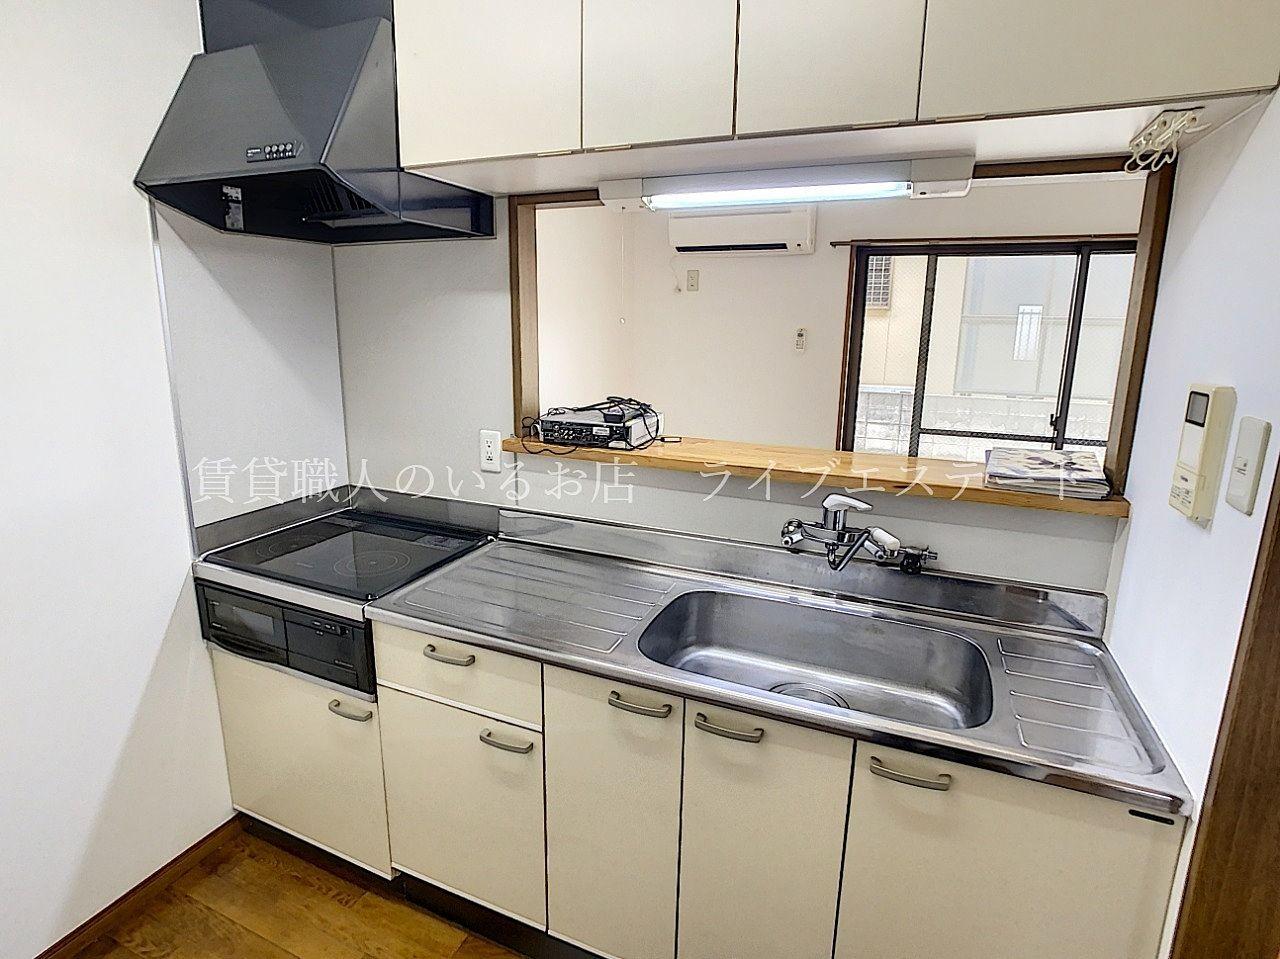 IHシステムキッチンでお手入れ楽々!吊戸棚付きで収納力高いです